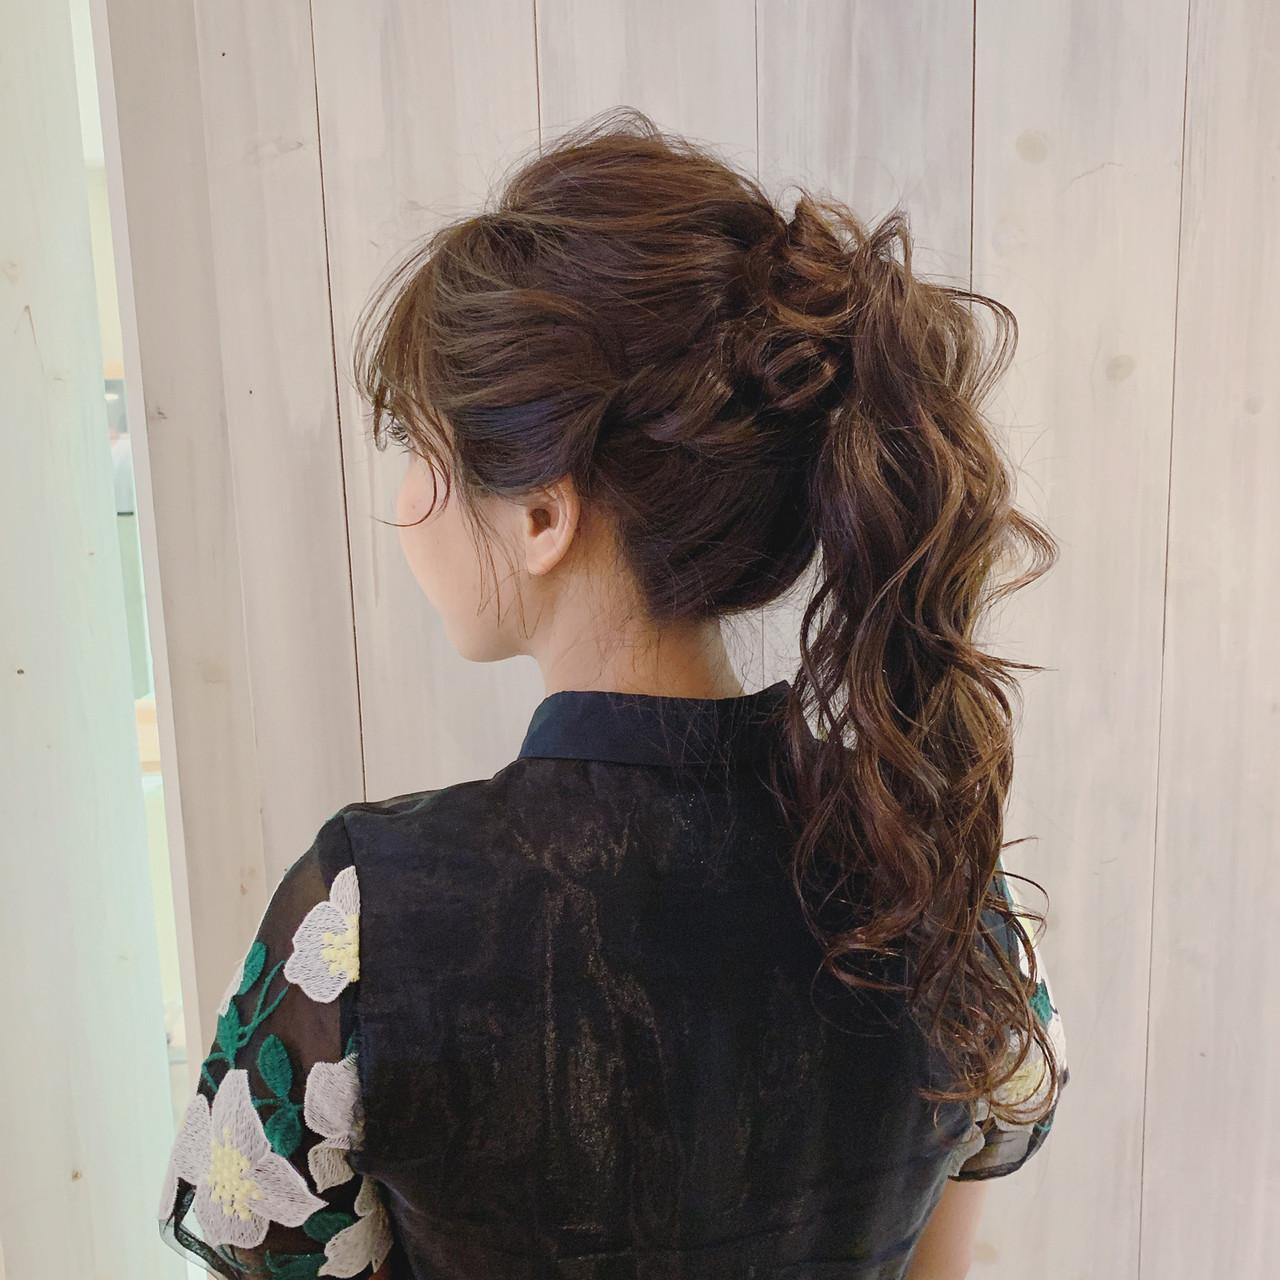 ヘアアレンジ ロング 大人女子 結婚式ヘアアレンジ ヘアスタイルや髪型の写真・画像